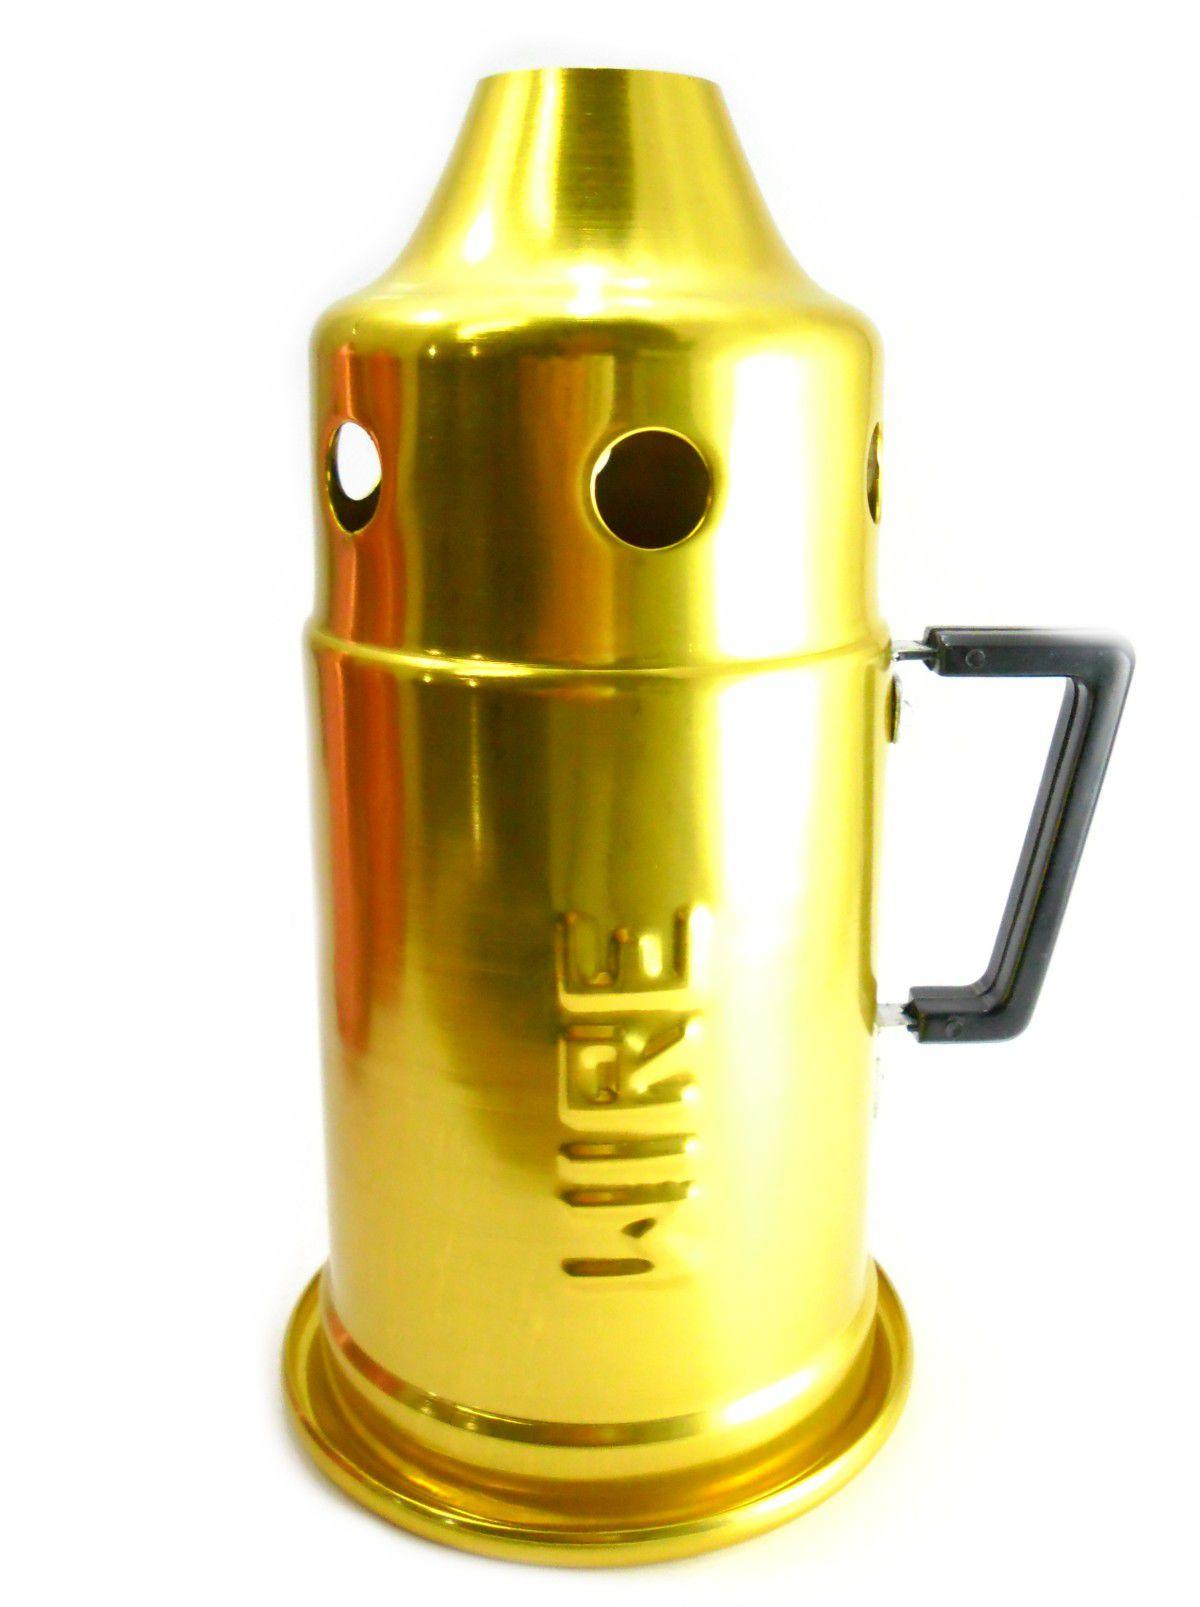 Abafador para narguile WIRE médio (22cm) alumínio, pintura epóxi/anodizada. 12cm diâm. e 22cm alt. Dourado